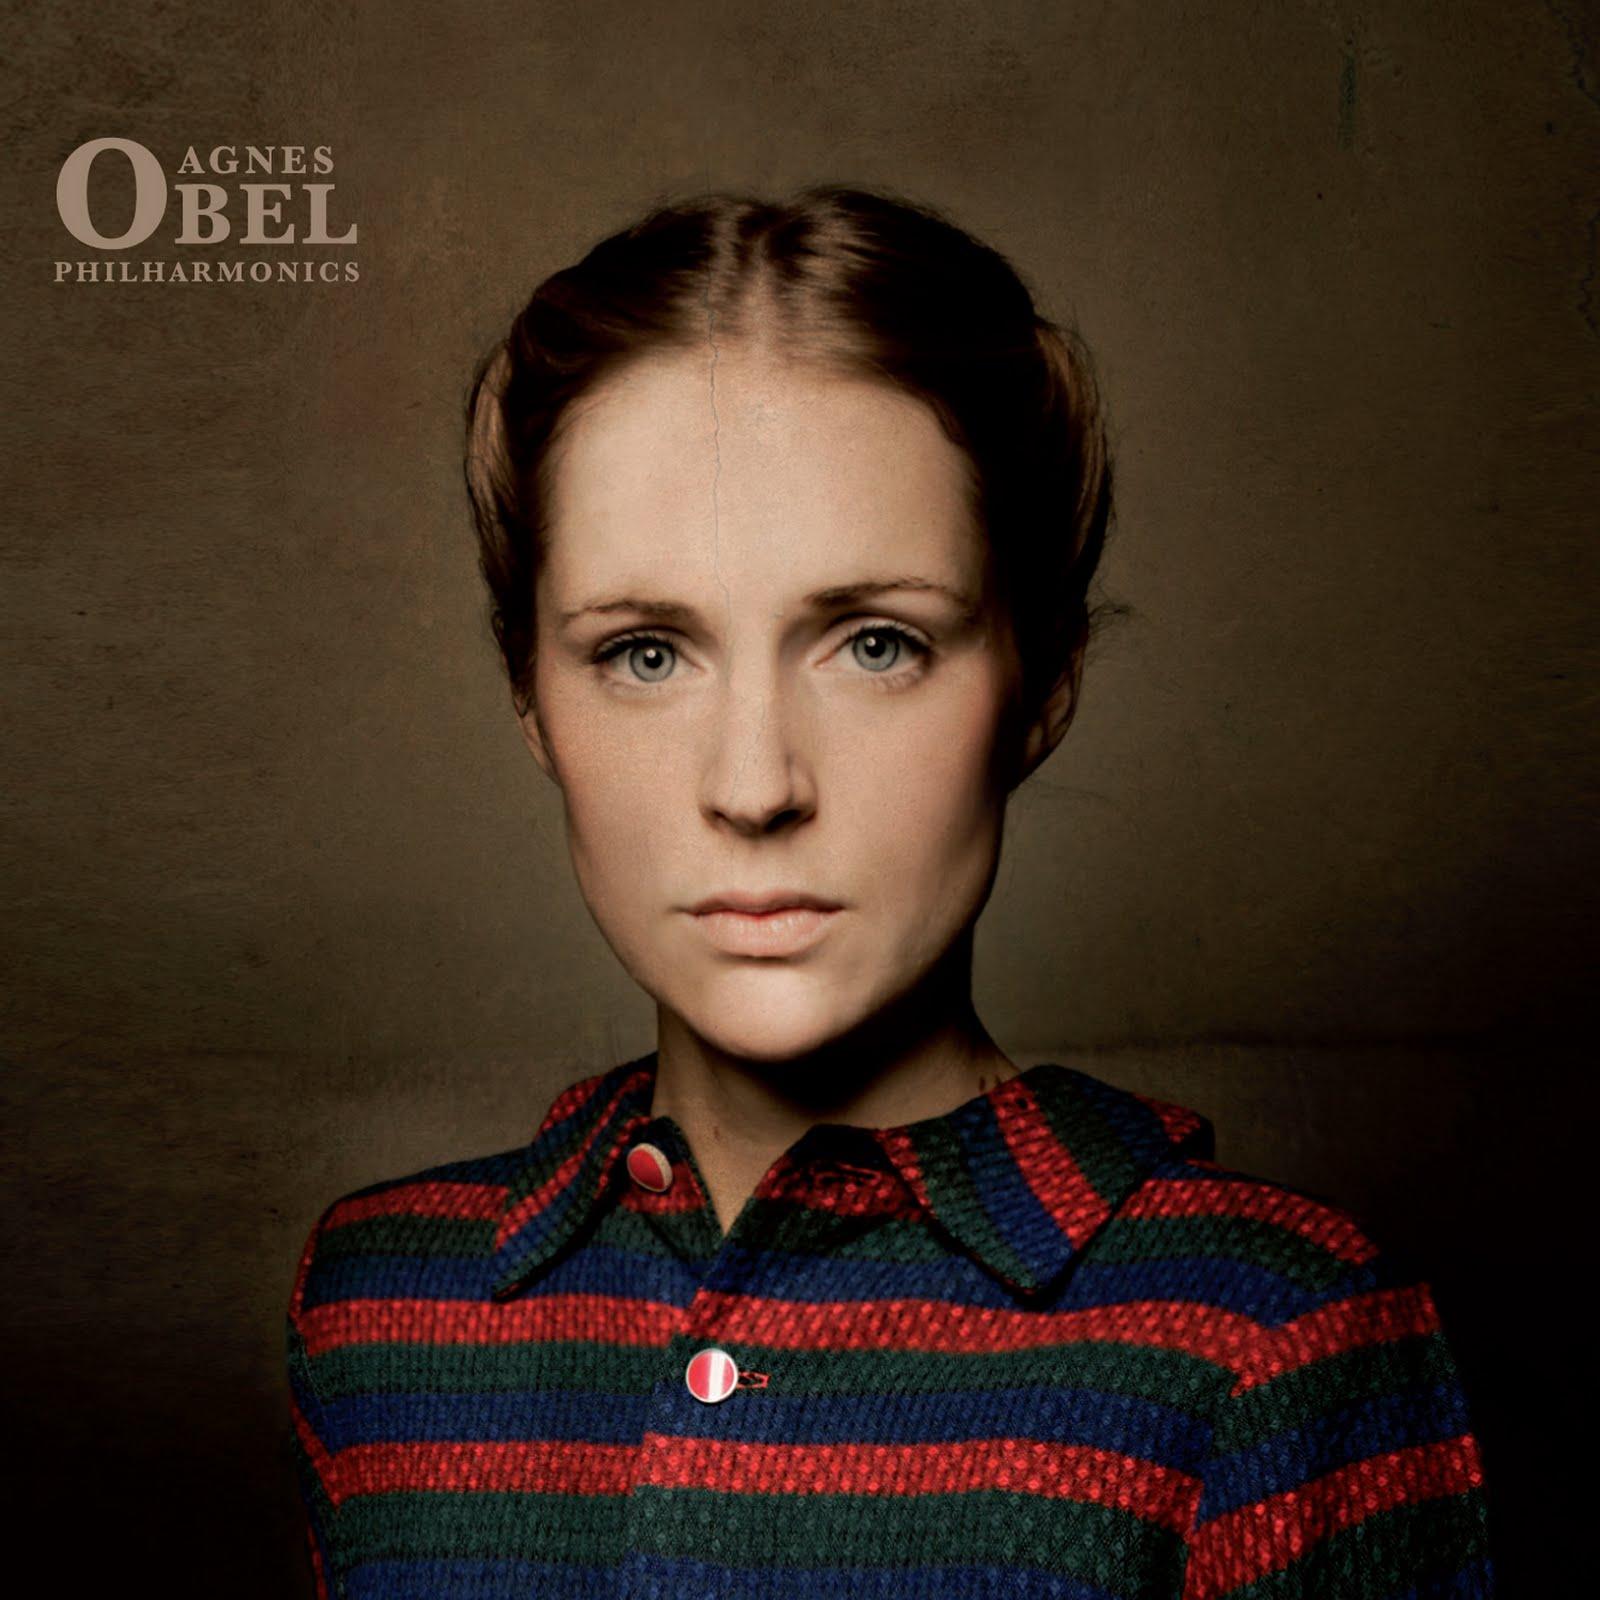 Agnes-Obel-Philharmonics_front